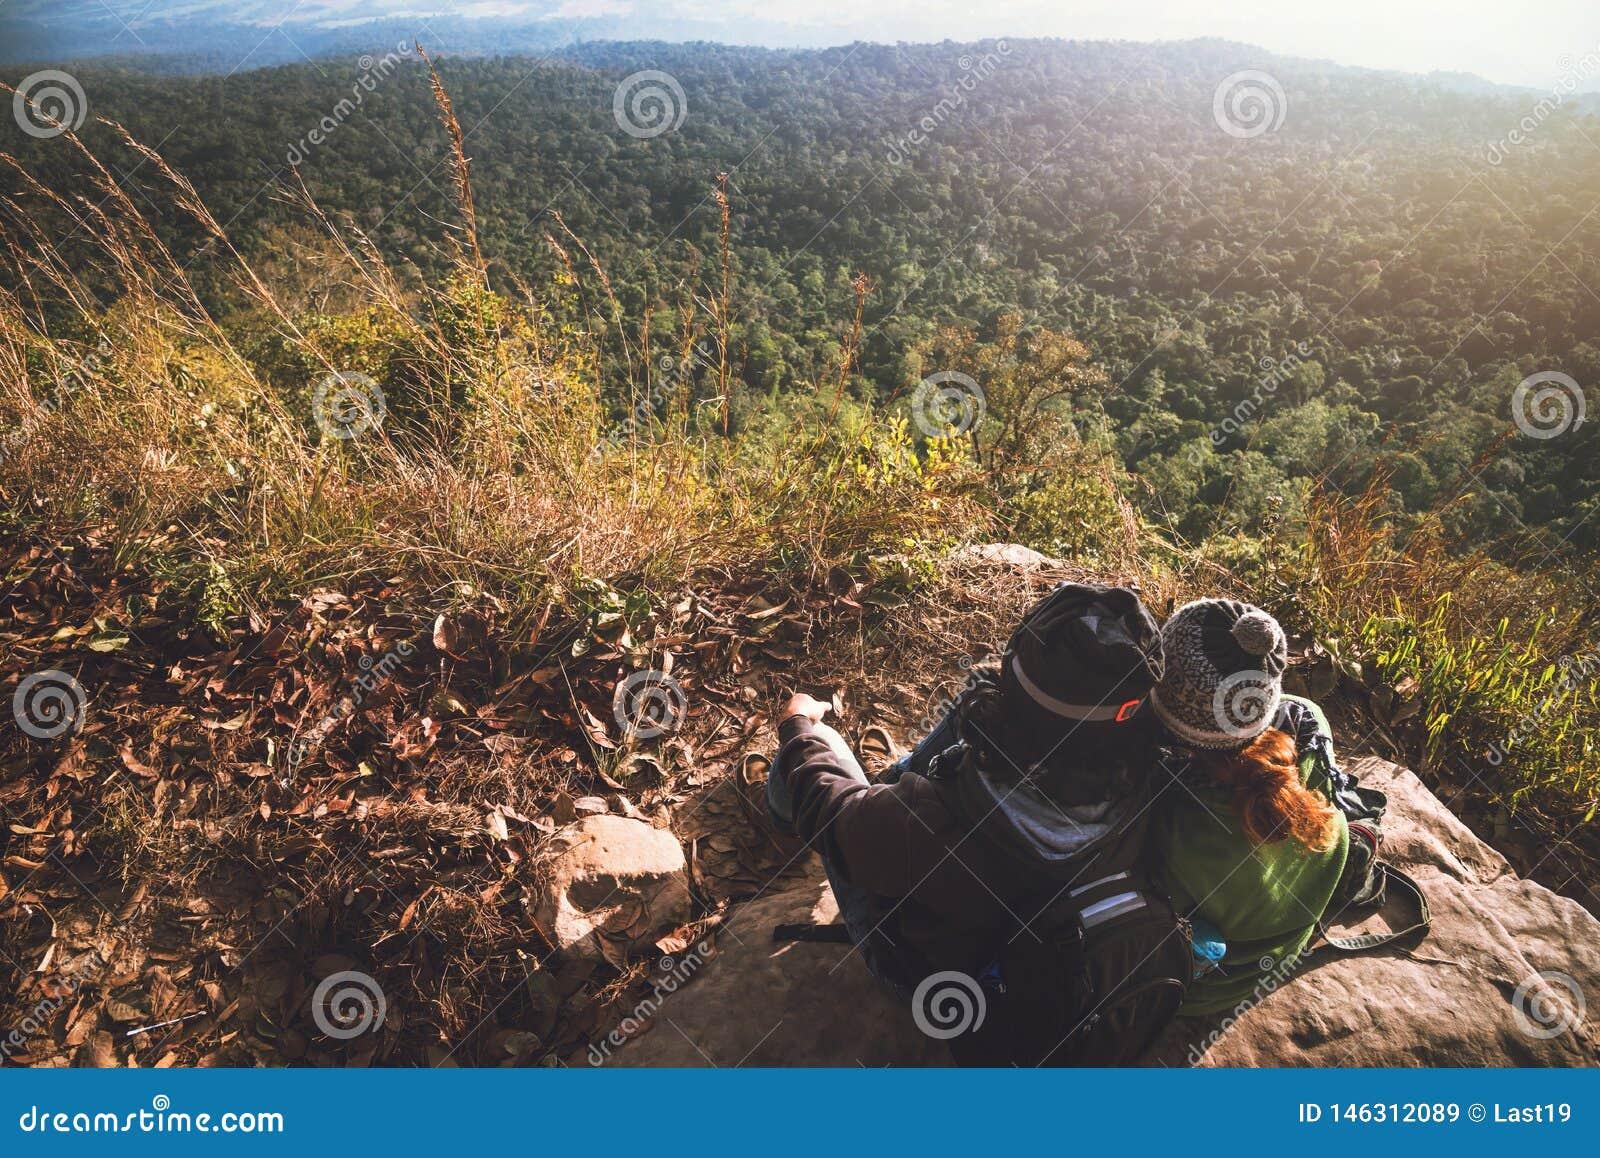 Minnaarvrouwen en mannen de reis van Aziaten ontspant in de vakantie Bewonder het atmosfeerlandschap op de Berg Bergpark gelukkig